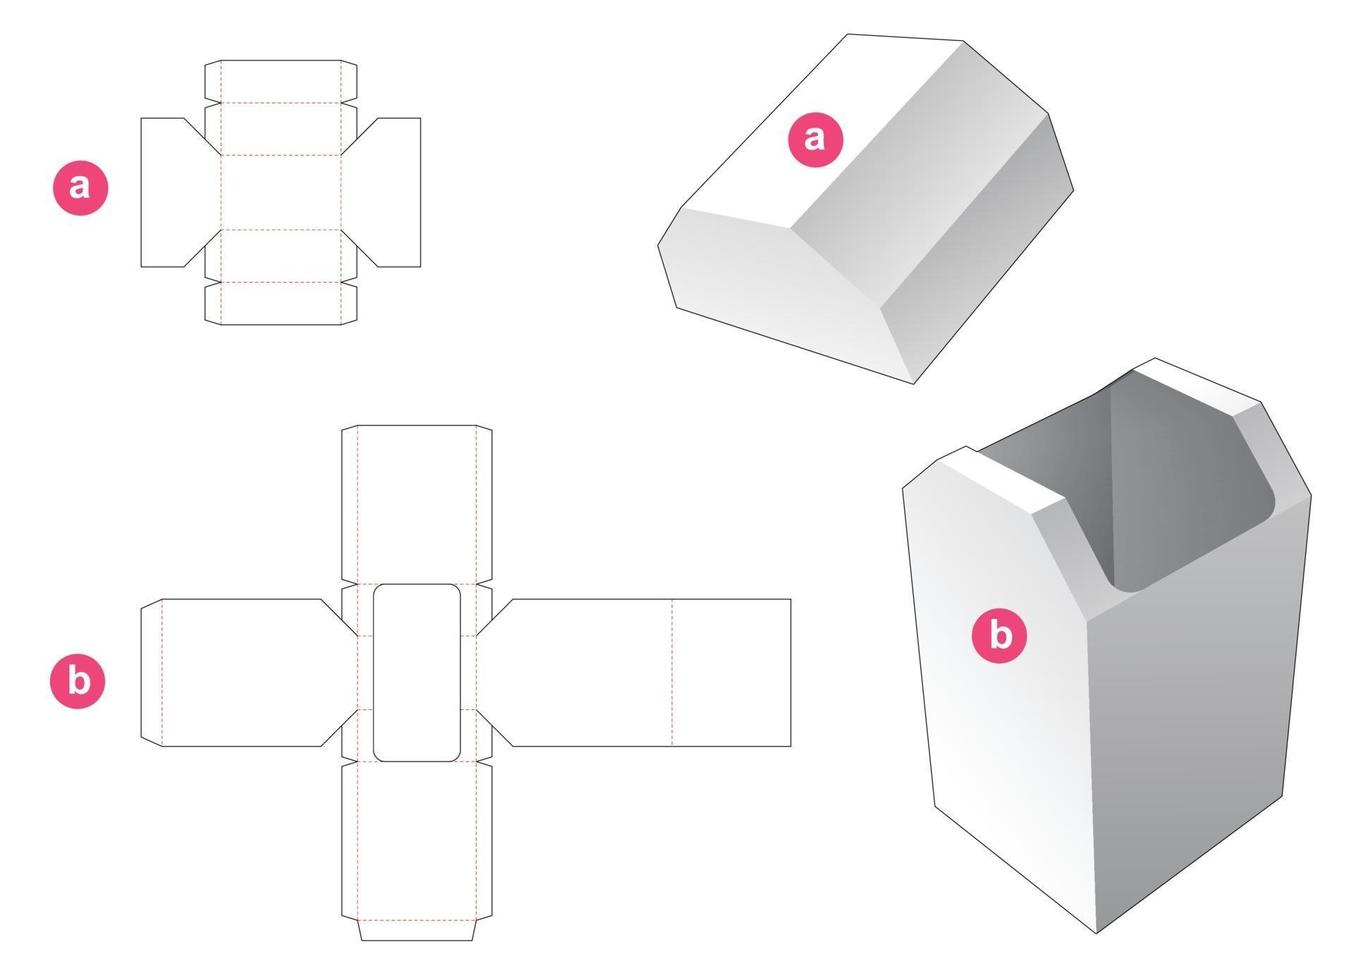 kartonglåda med avfasad mall vektor